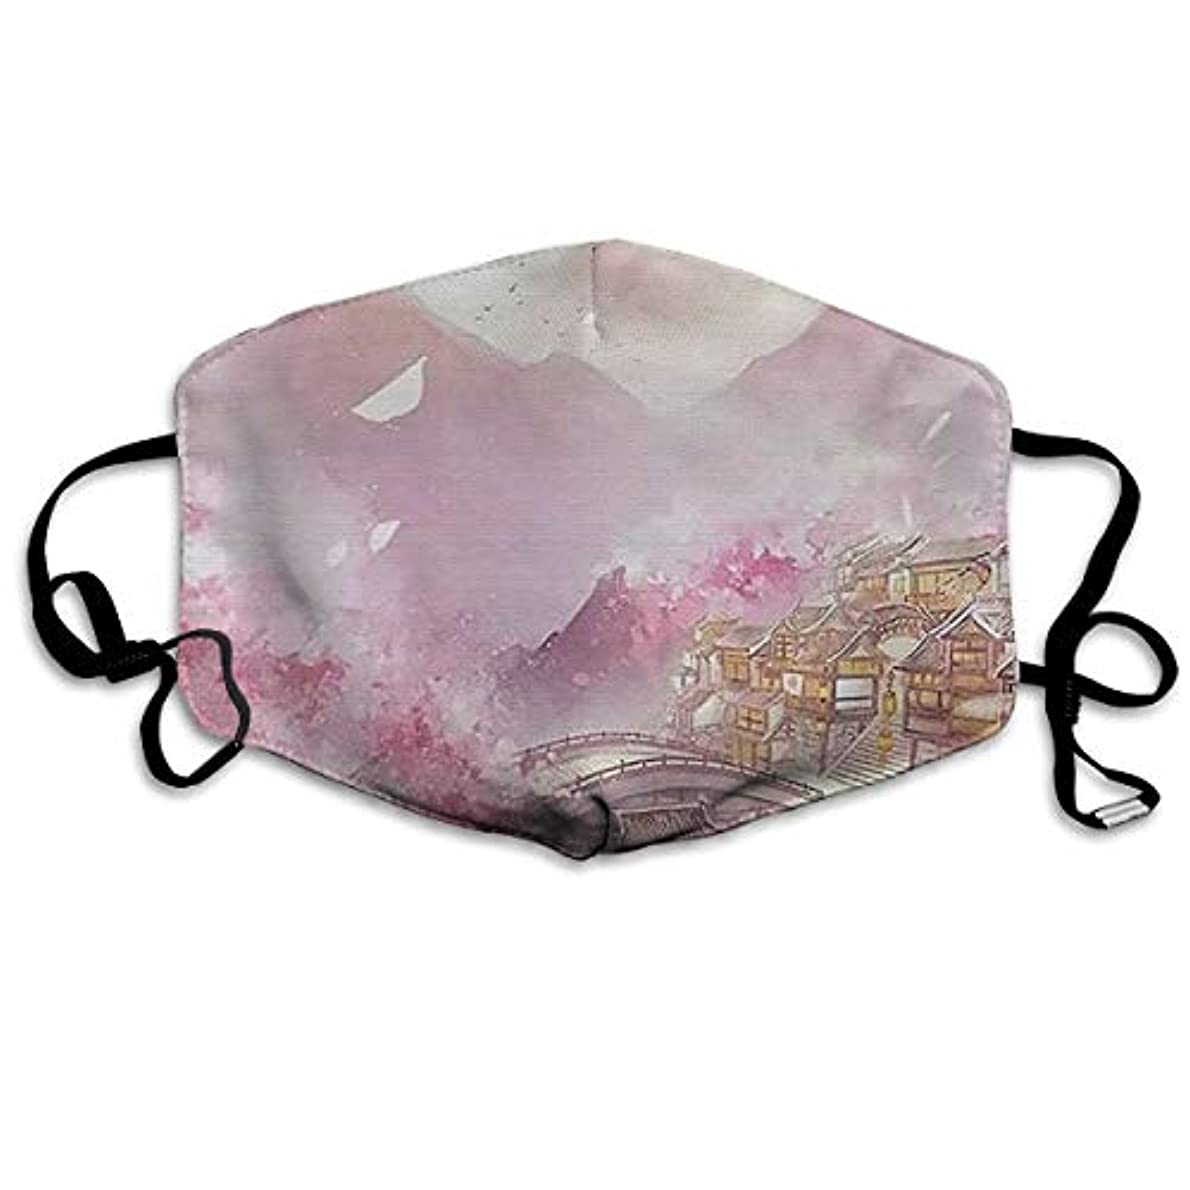 ますます赤道運命Morningligh マスク 使い捨てマスク ファッションマスク 個別包装 まとめ買い 防災 避難 緊急 抗菌 花粉症予防 風邪予防 男女兼用 健康を守るため